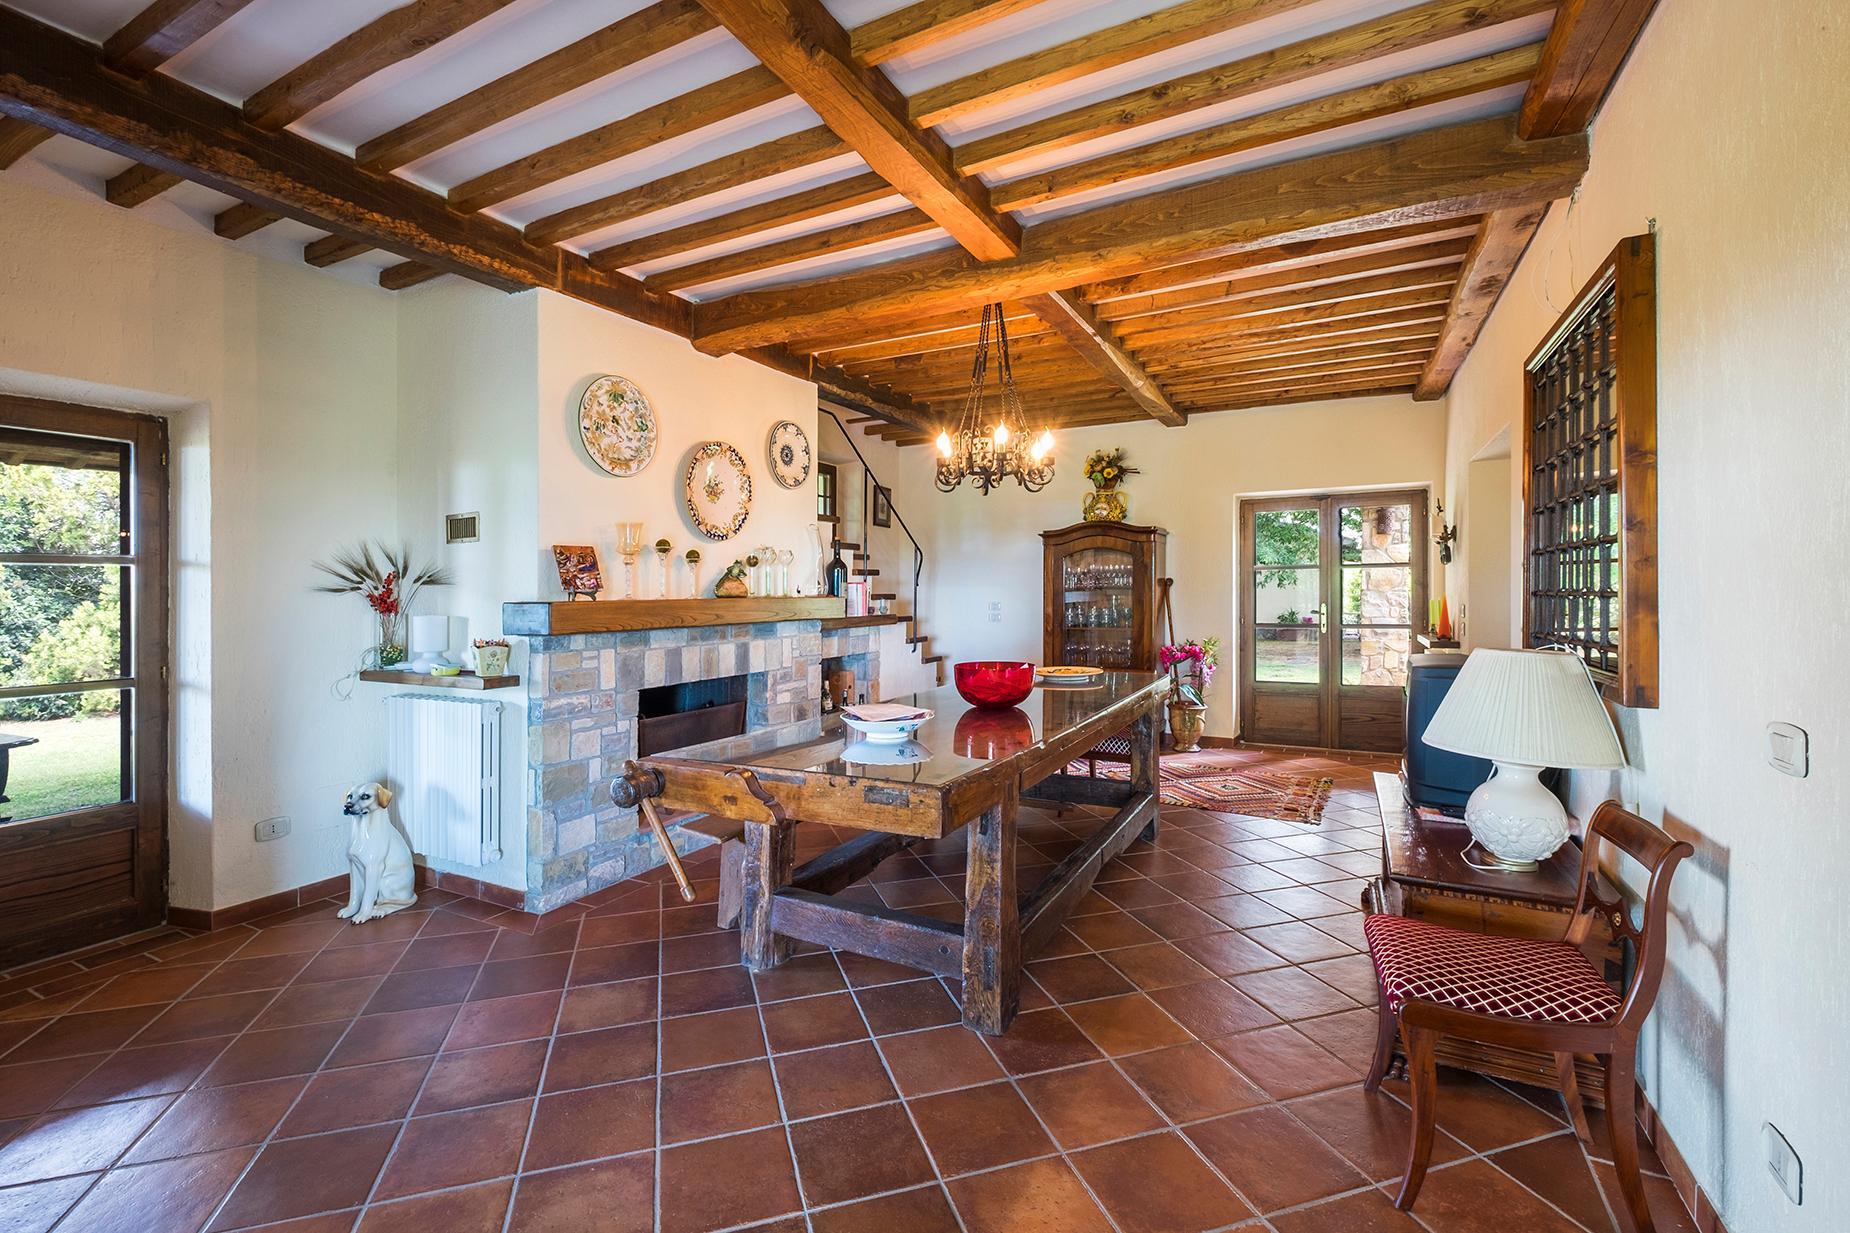 Fein restauriertes Bauernhaus auf den toskanischen Hügeln - 7